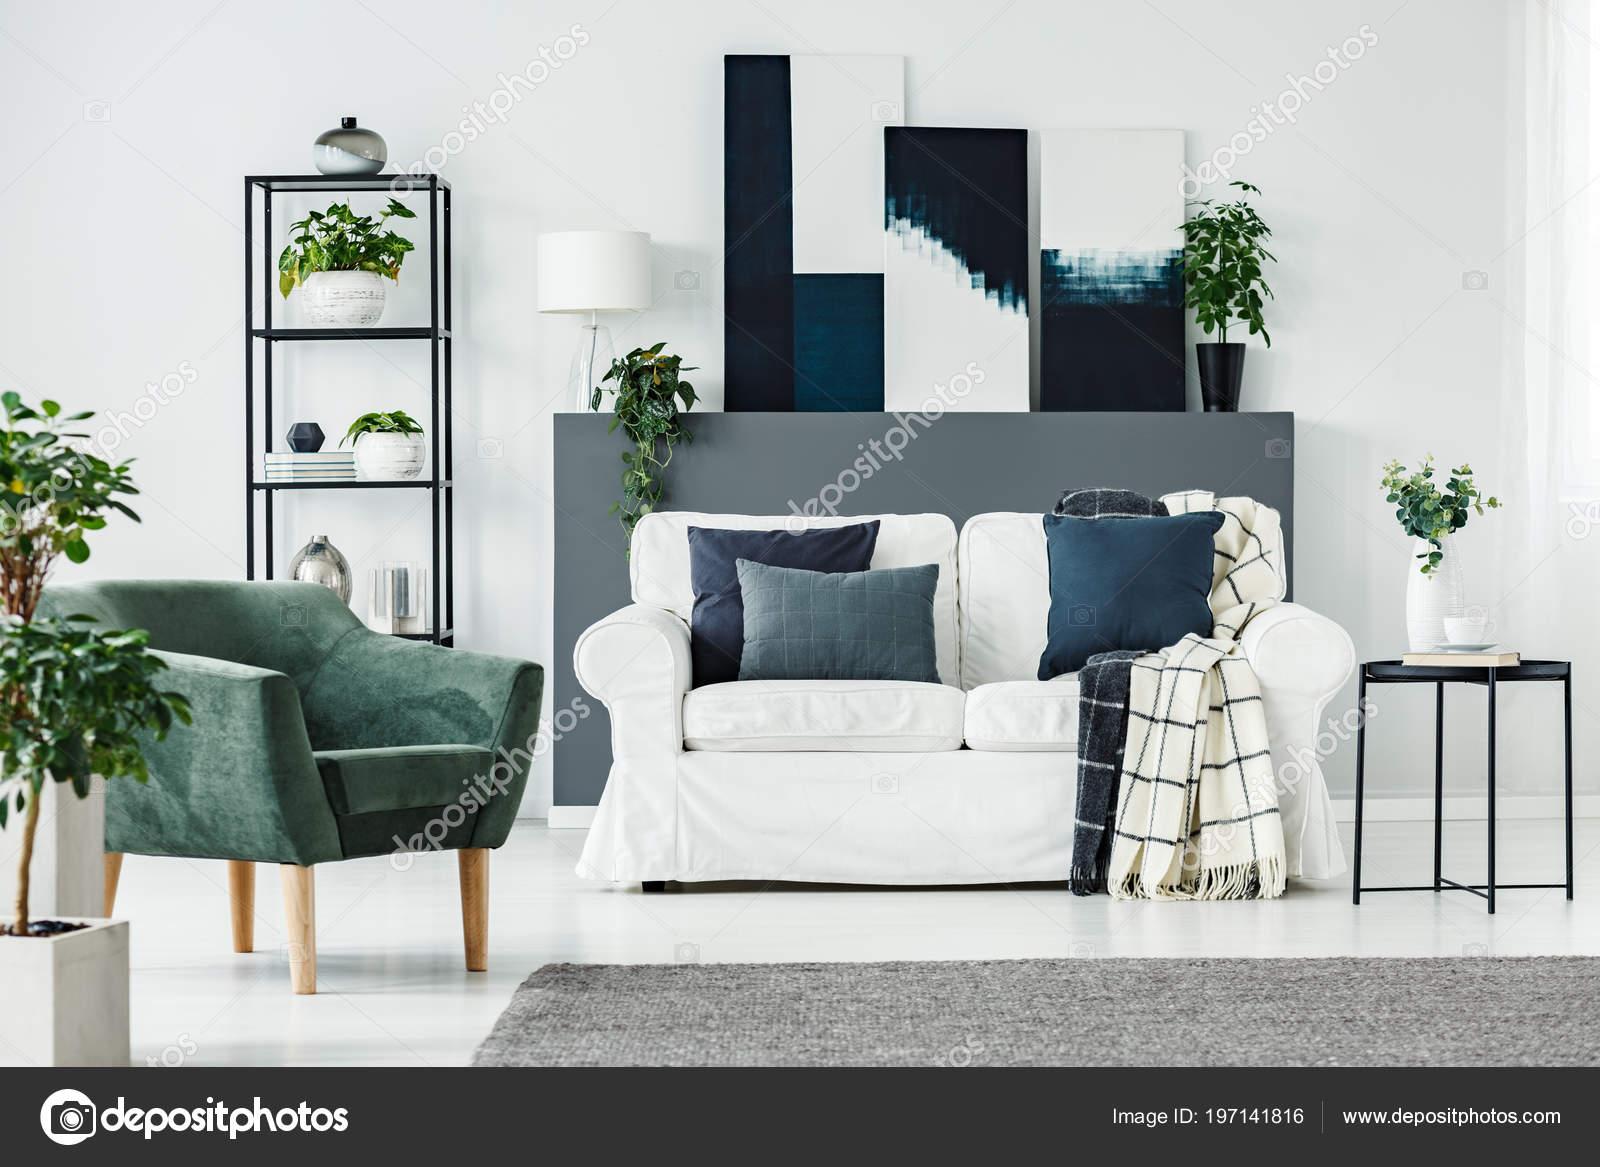 Grüne Sessel Weißen Sofa Pflanzen Und Graue Wand Einem ...